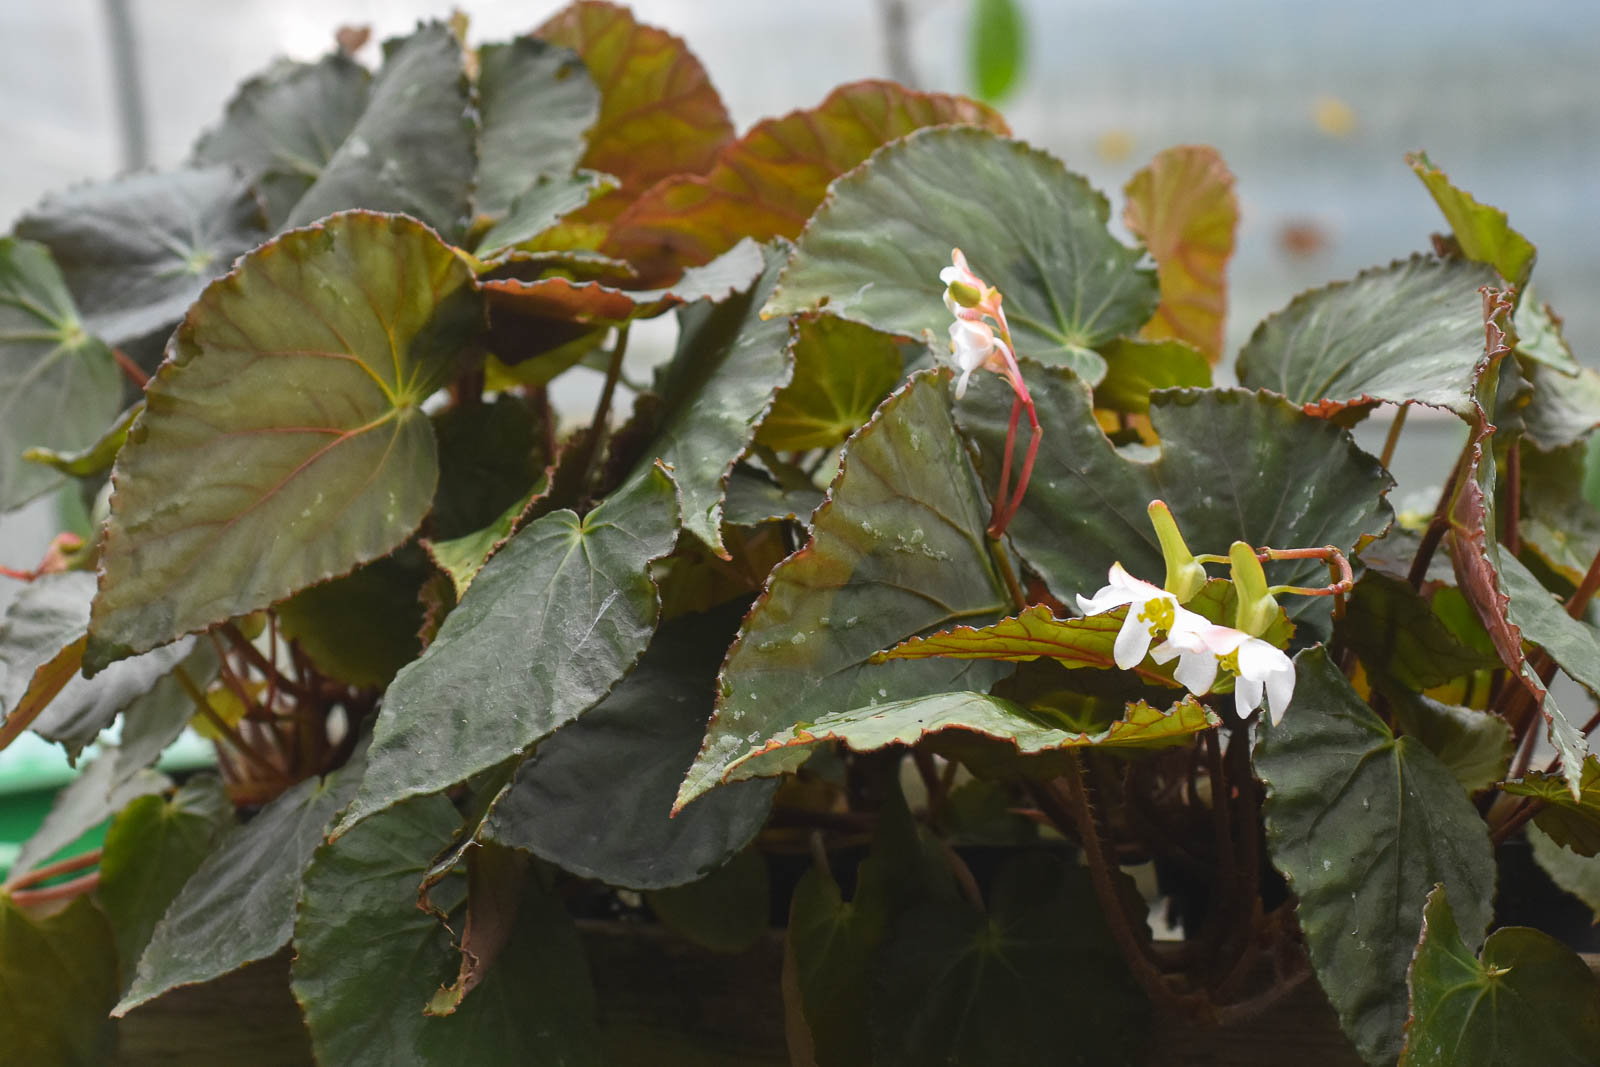 Begonia Dicressine lever på högre höjd än Mariachristiae och kan kanske bli en bra rumsväxt till skillnad från mariachristinae som kräver mer av sin odlare. Begonia dicressine blommar mest på vintern och är lite marktäckande.